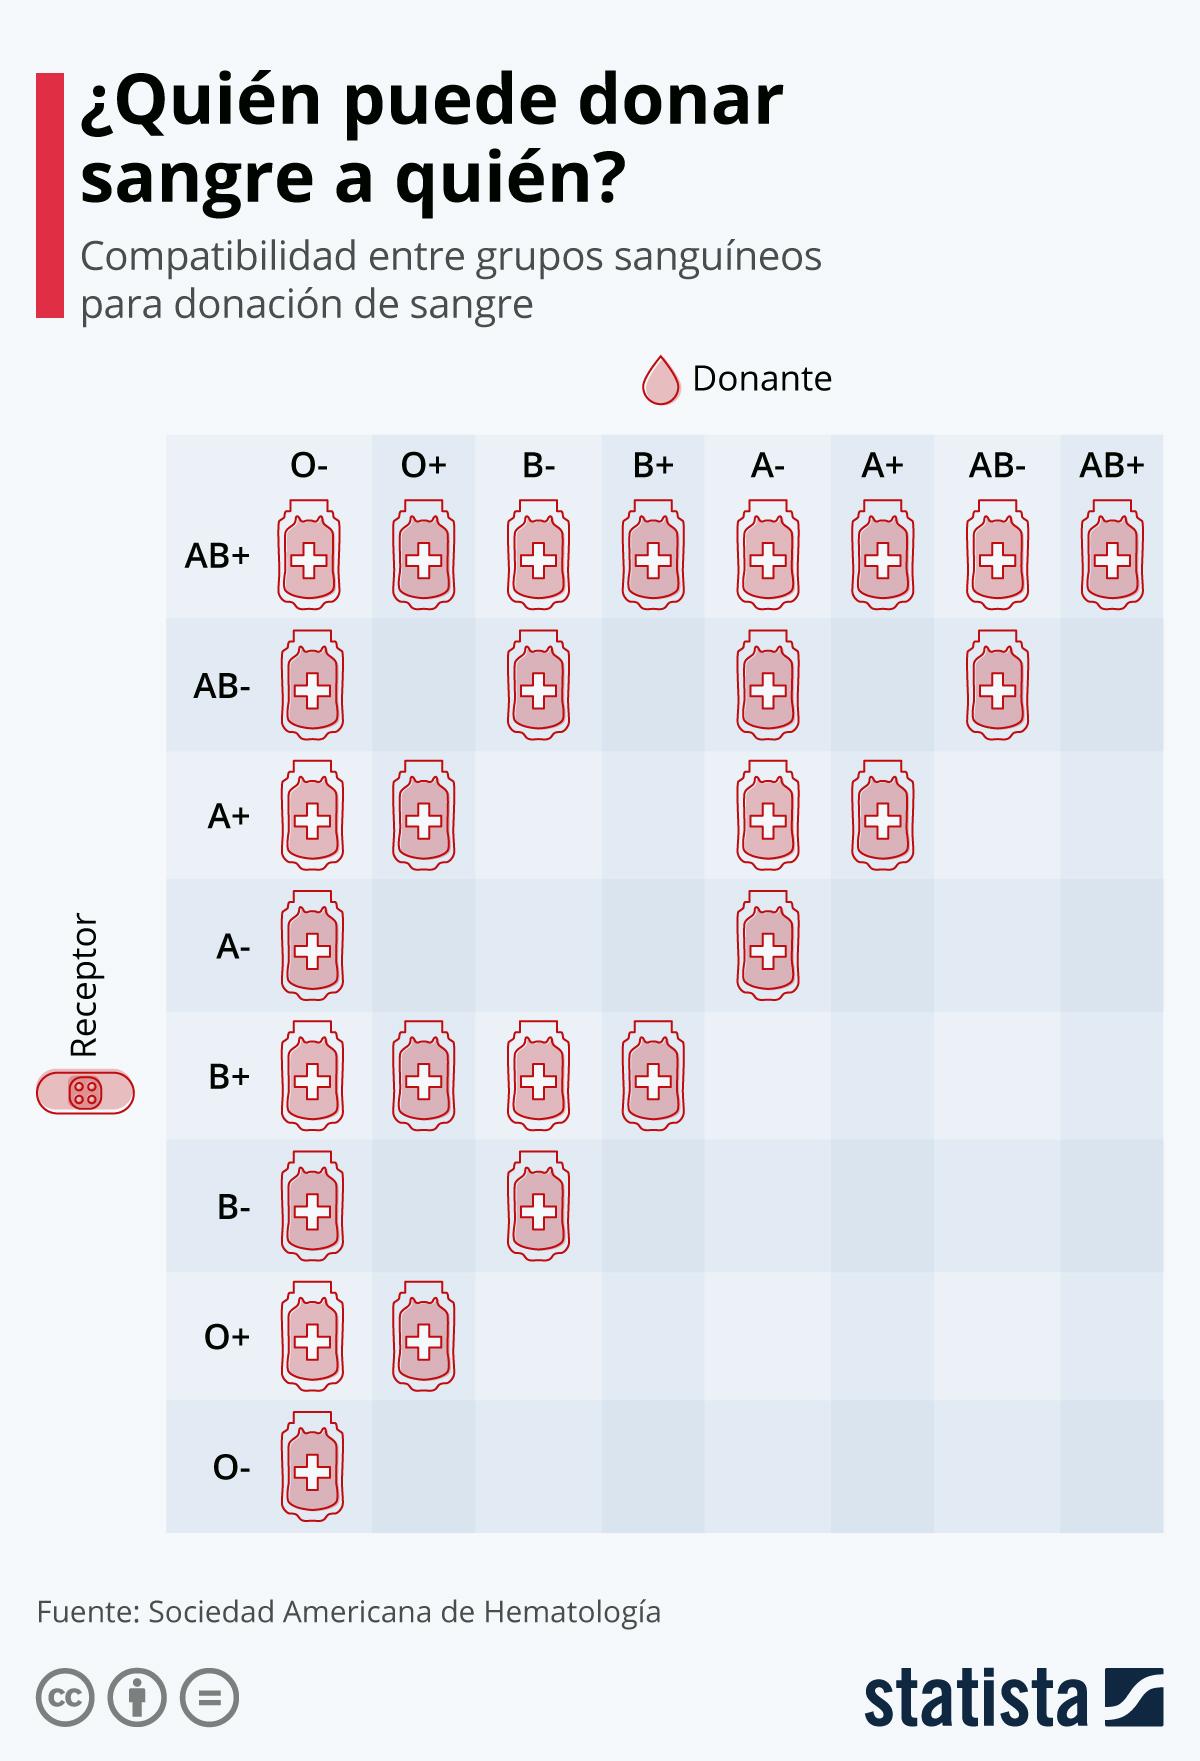 GRÁFICA: Compatibilidad entre grupos sanguíneos para realizar donaciones